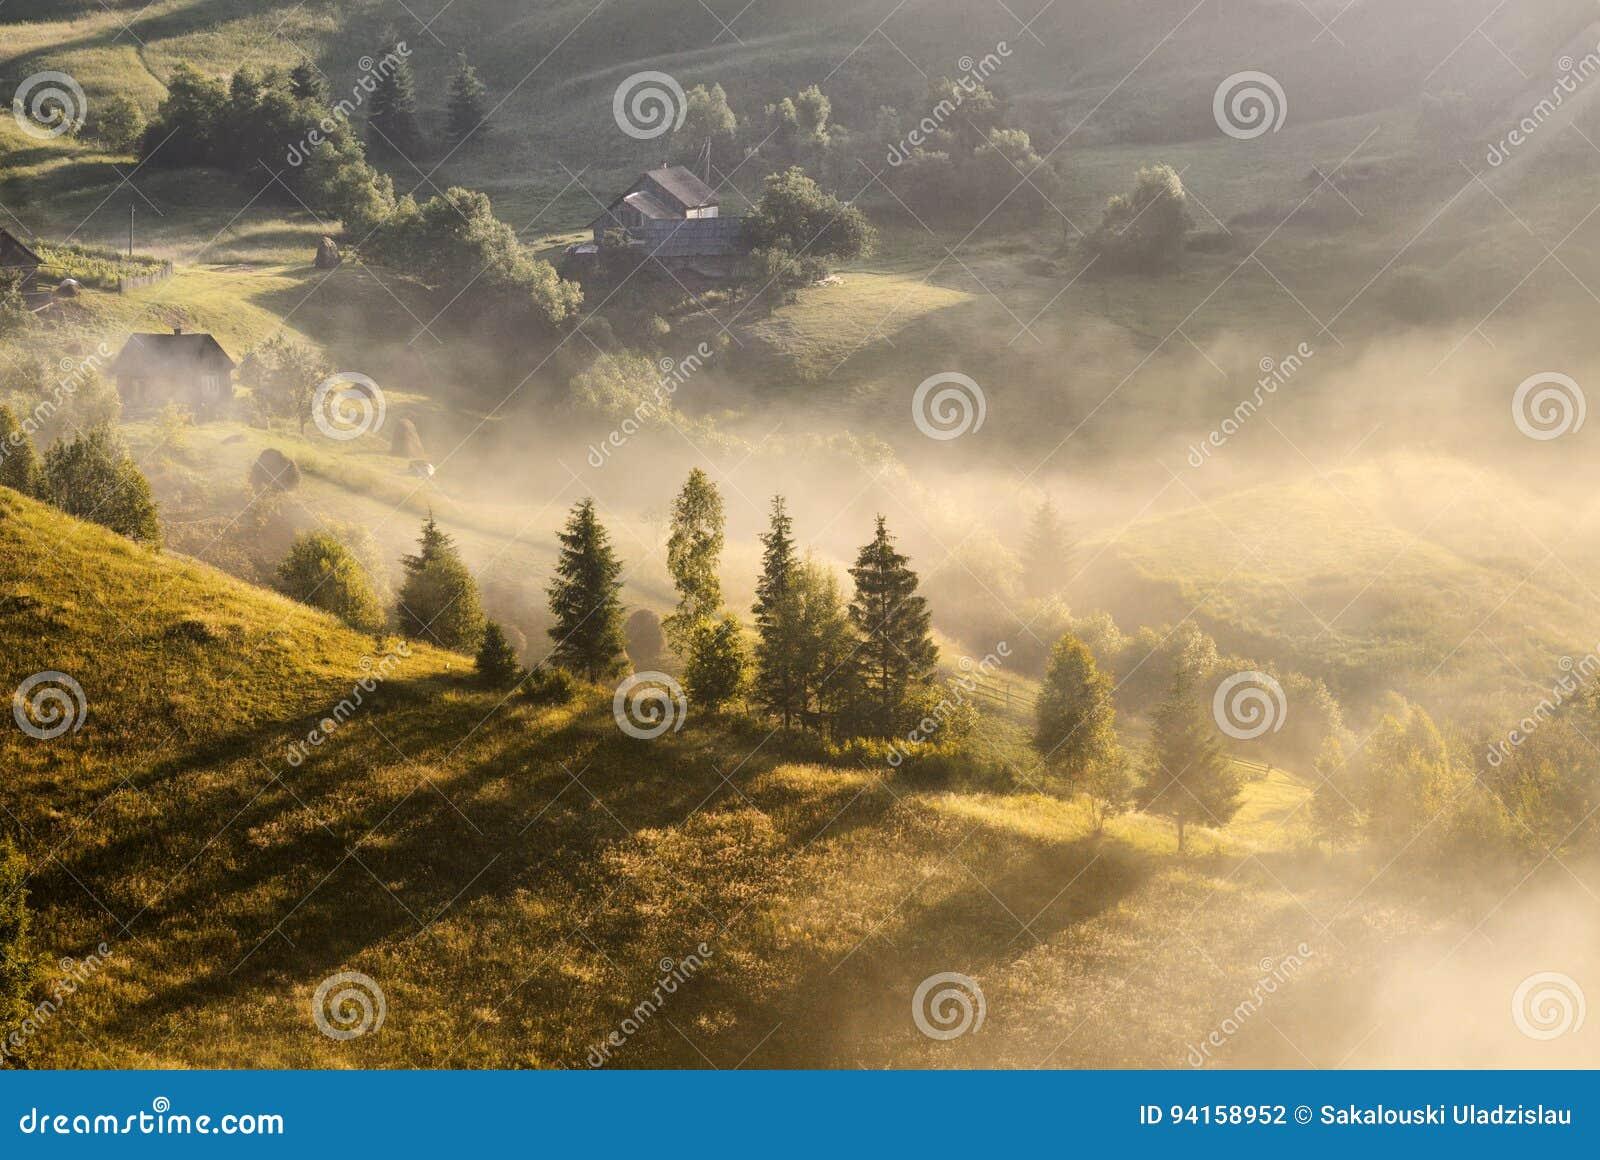 Pięknej jesieni mgłowy krajobraz z osamotnionymi domami i pogodnymi wzgórzami Karpacki wiejski krajobraz na zmierzchu w jesieni b